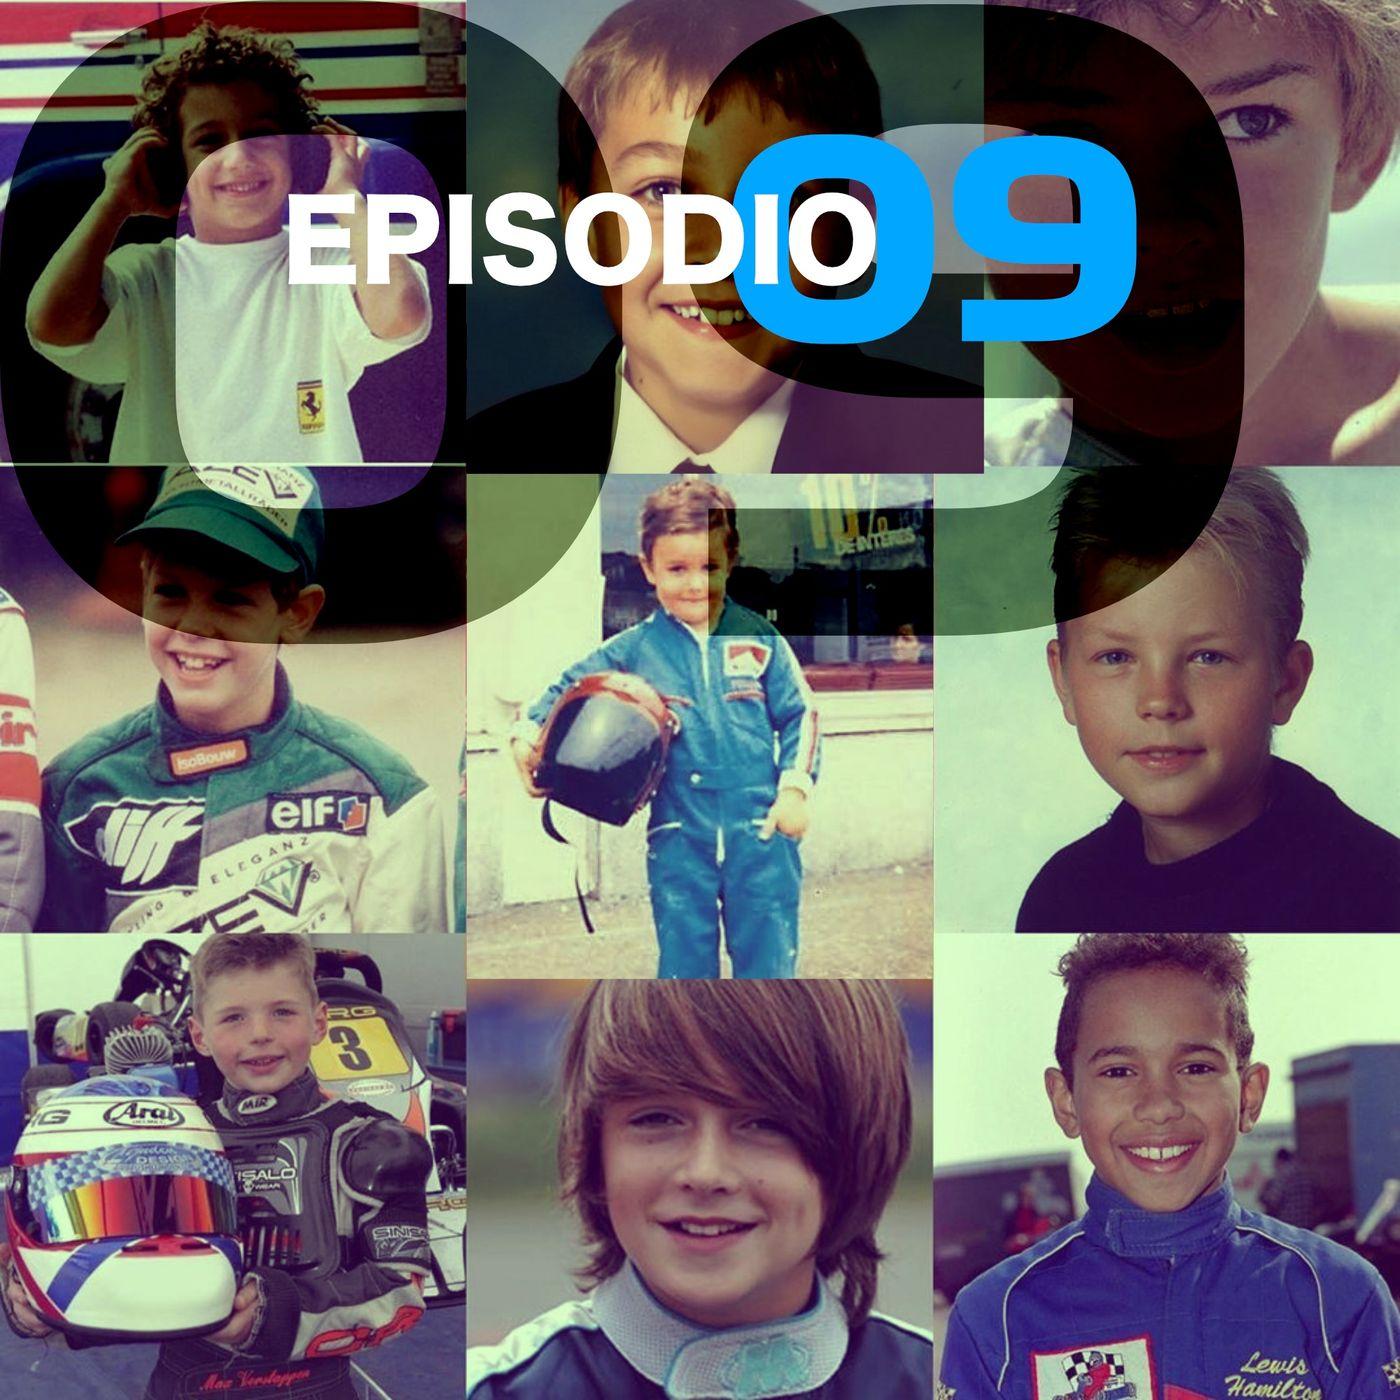 EP 09 - Dejen correr a los niños